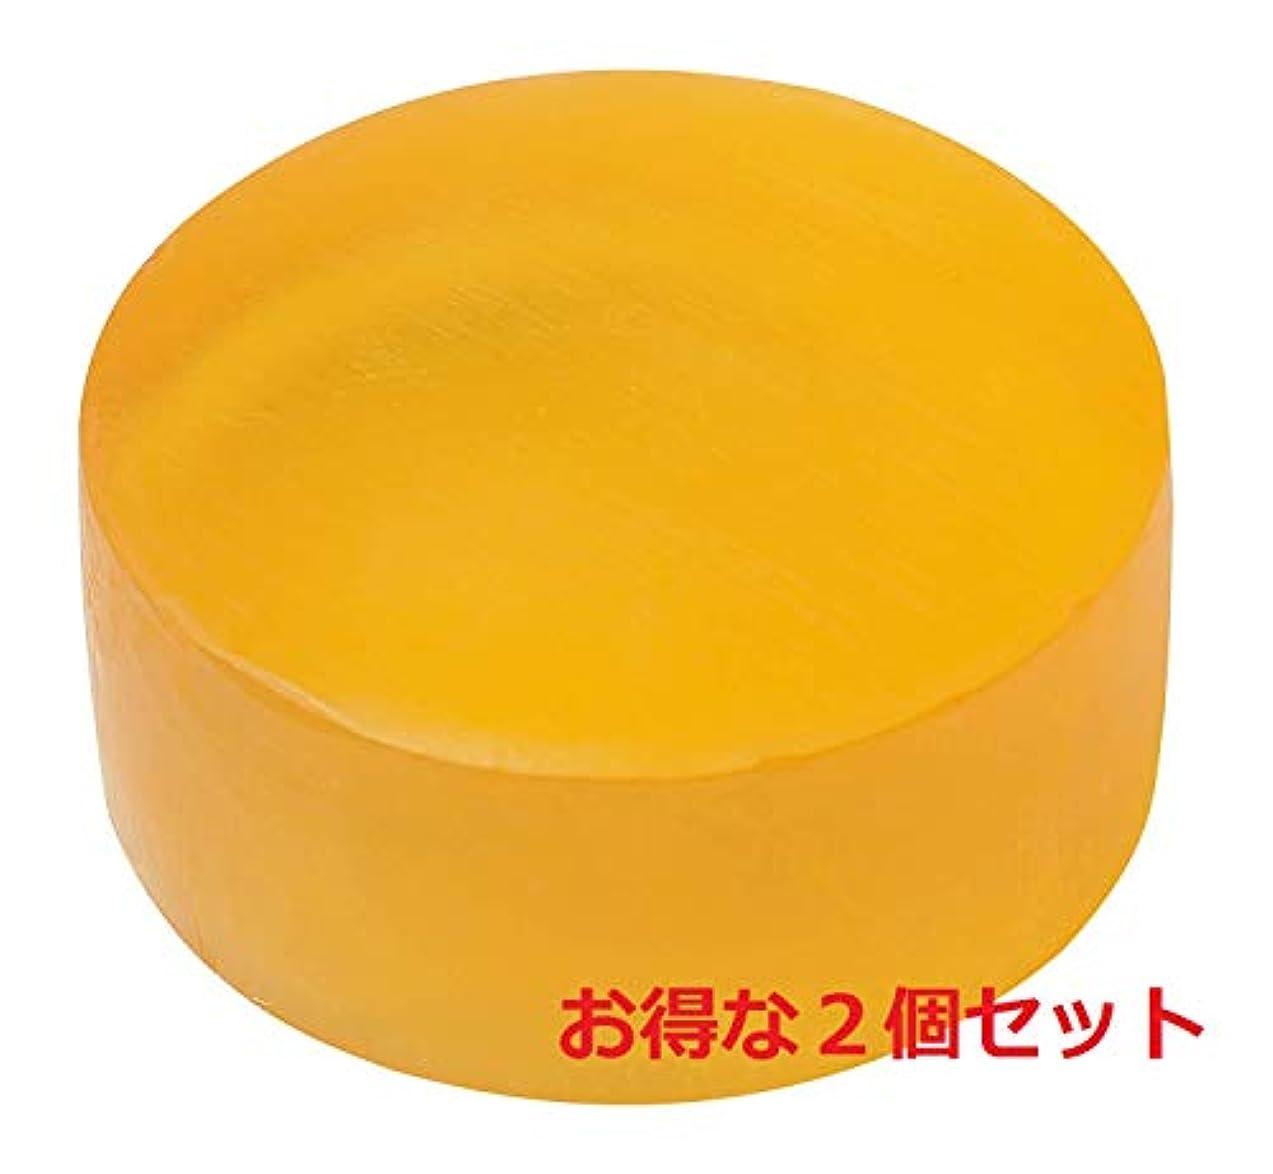 流産小数バブルプラスリストア クレンジングソープ 熟成 洗顔石鹸 メイク落とし 2個セット